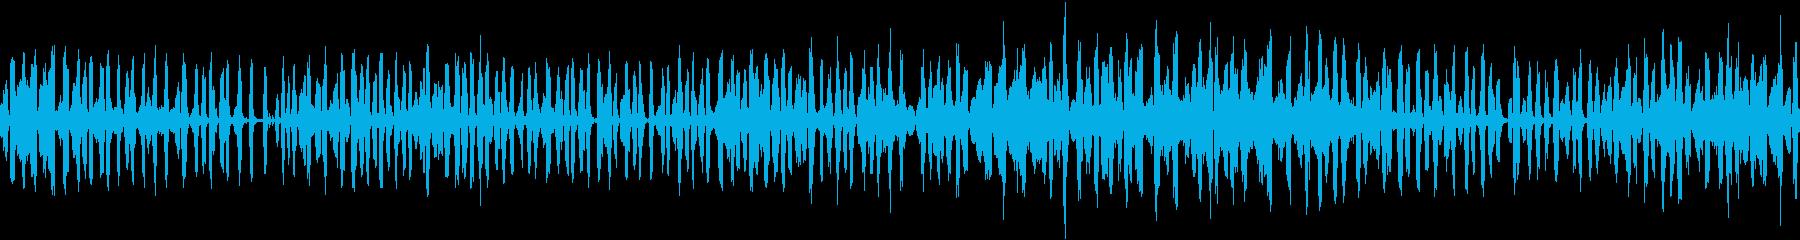 【環境音】カエル、春の里山の再生済みの波形